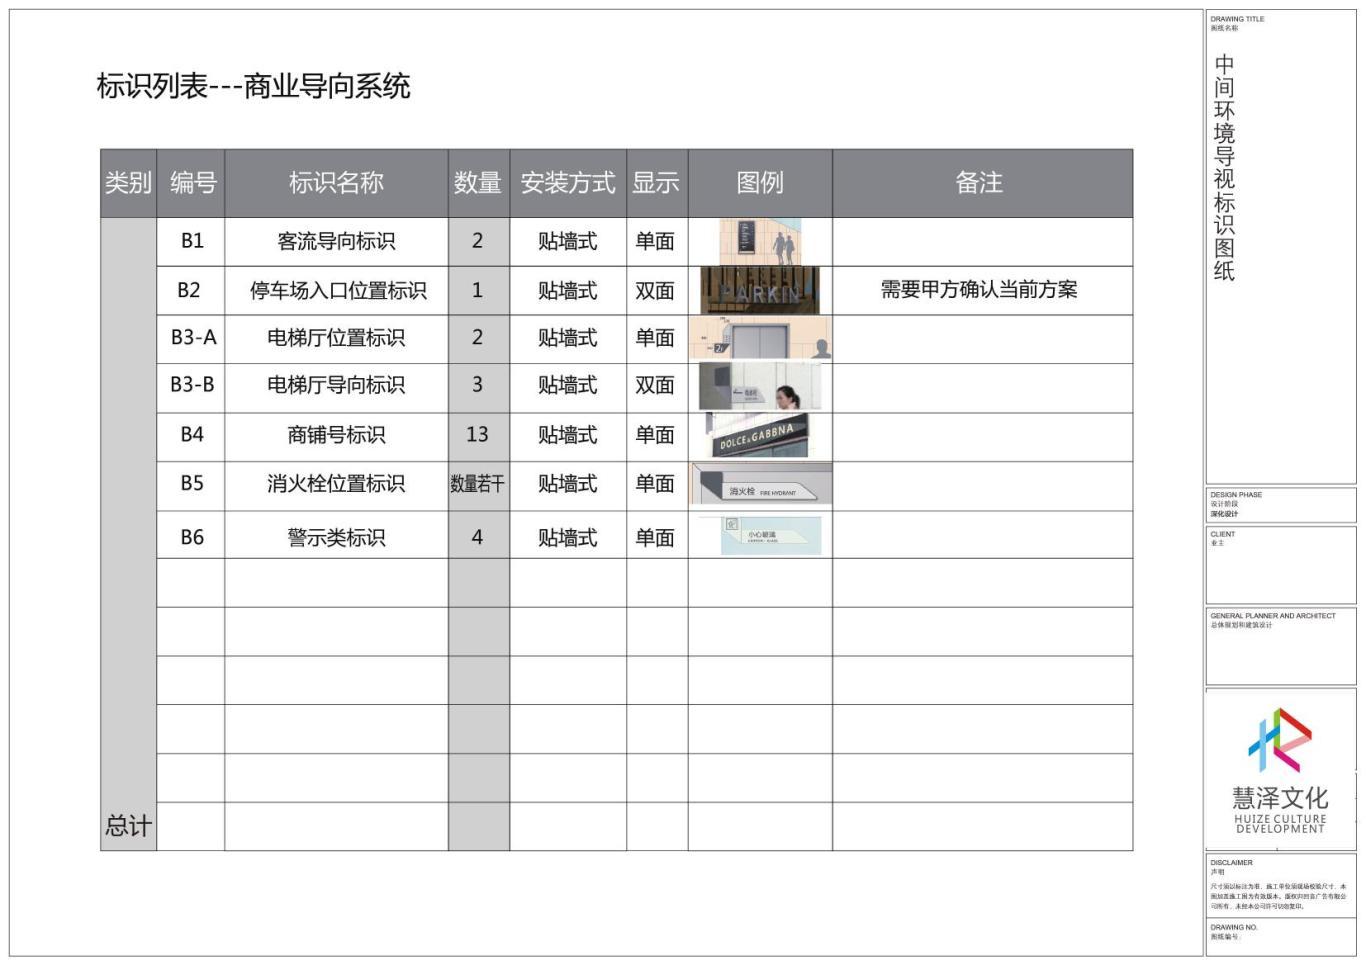 中间坊-商业导视系统深化设计图1